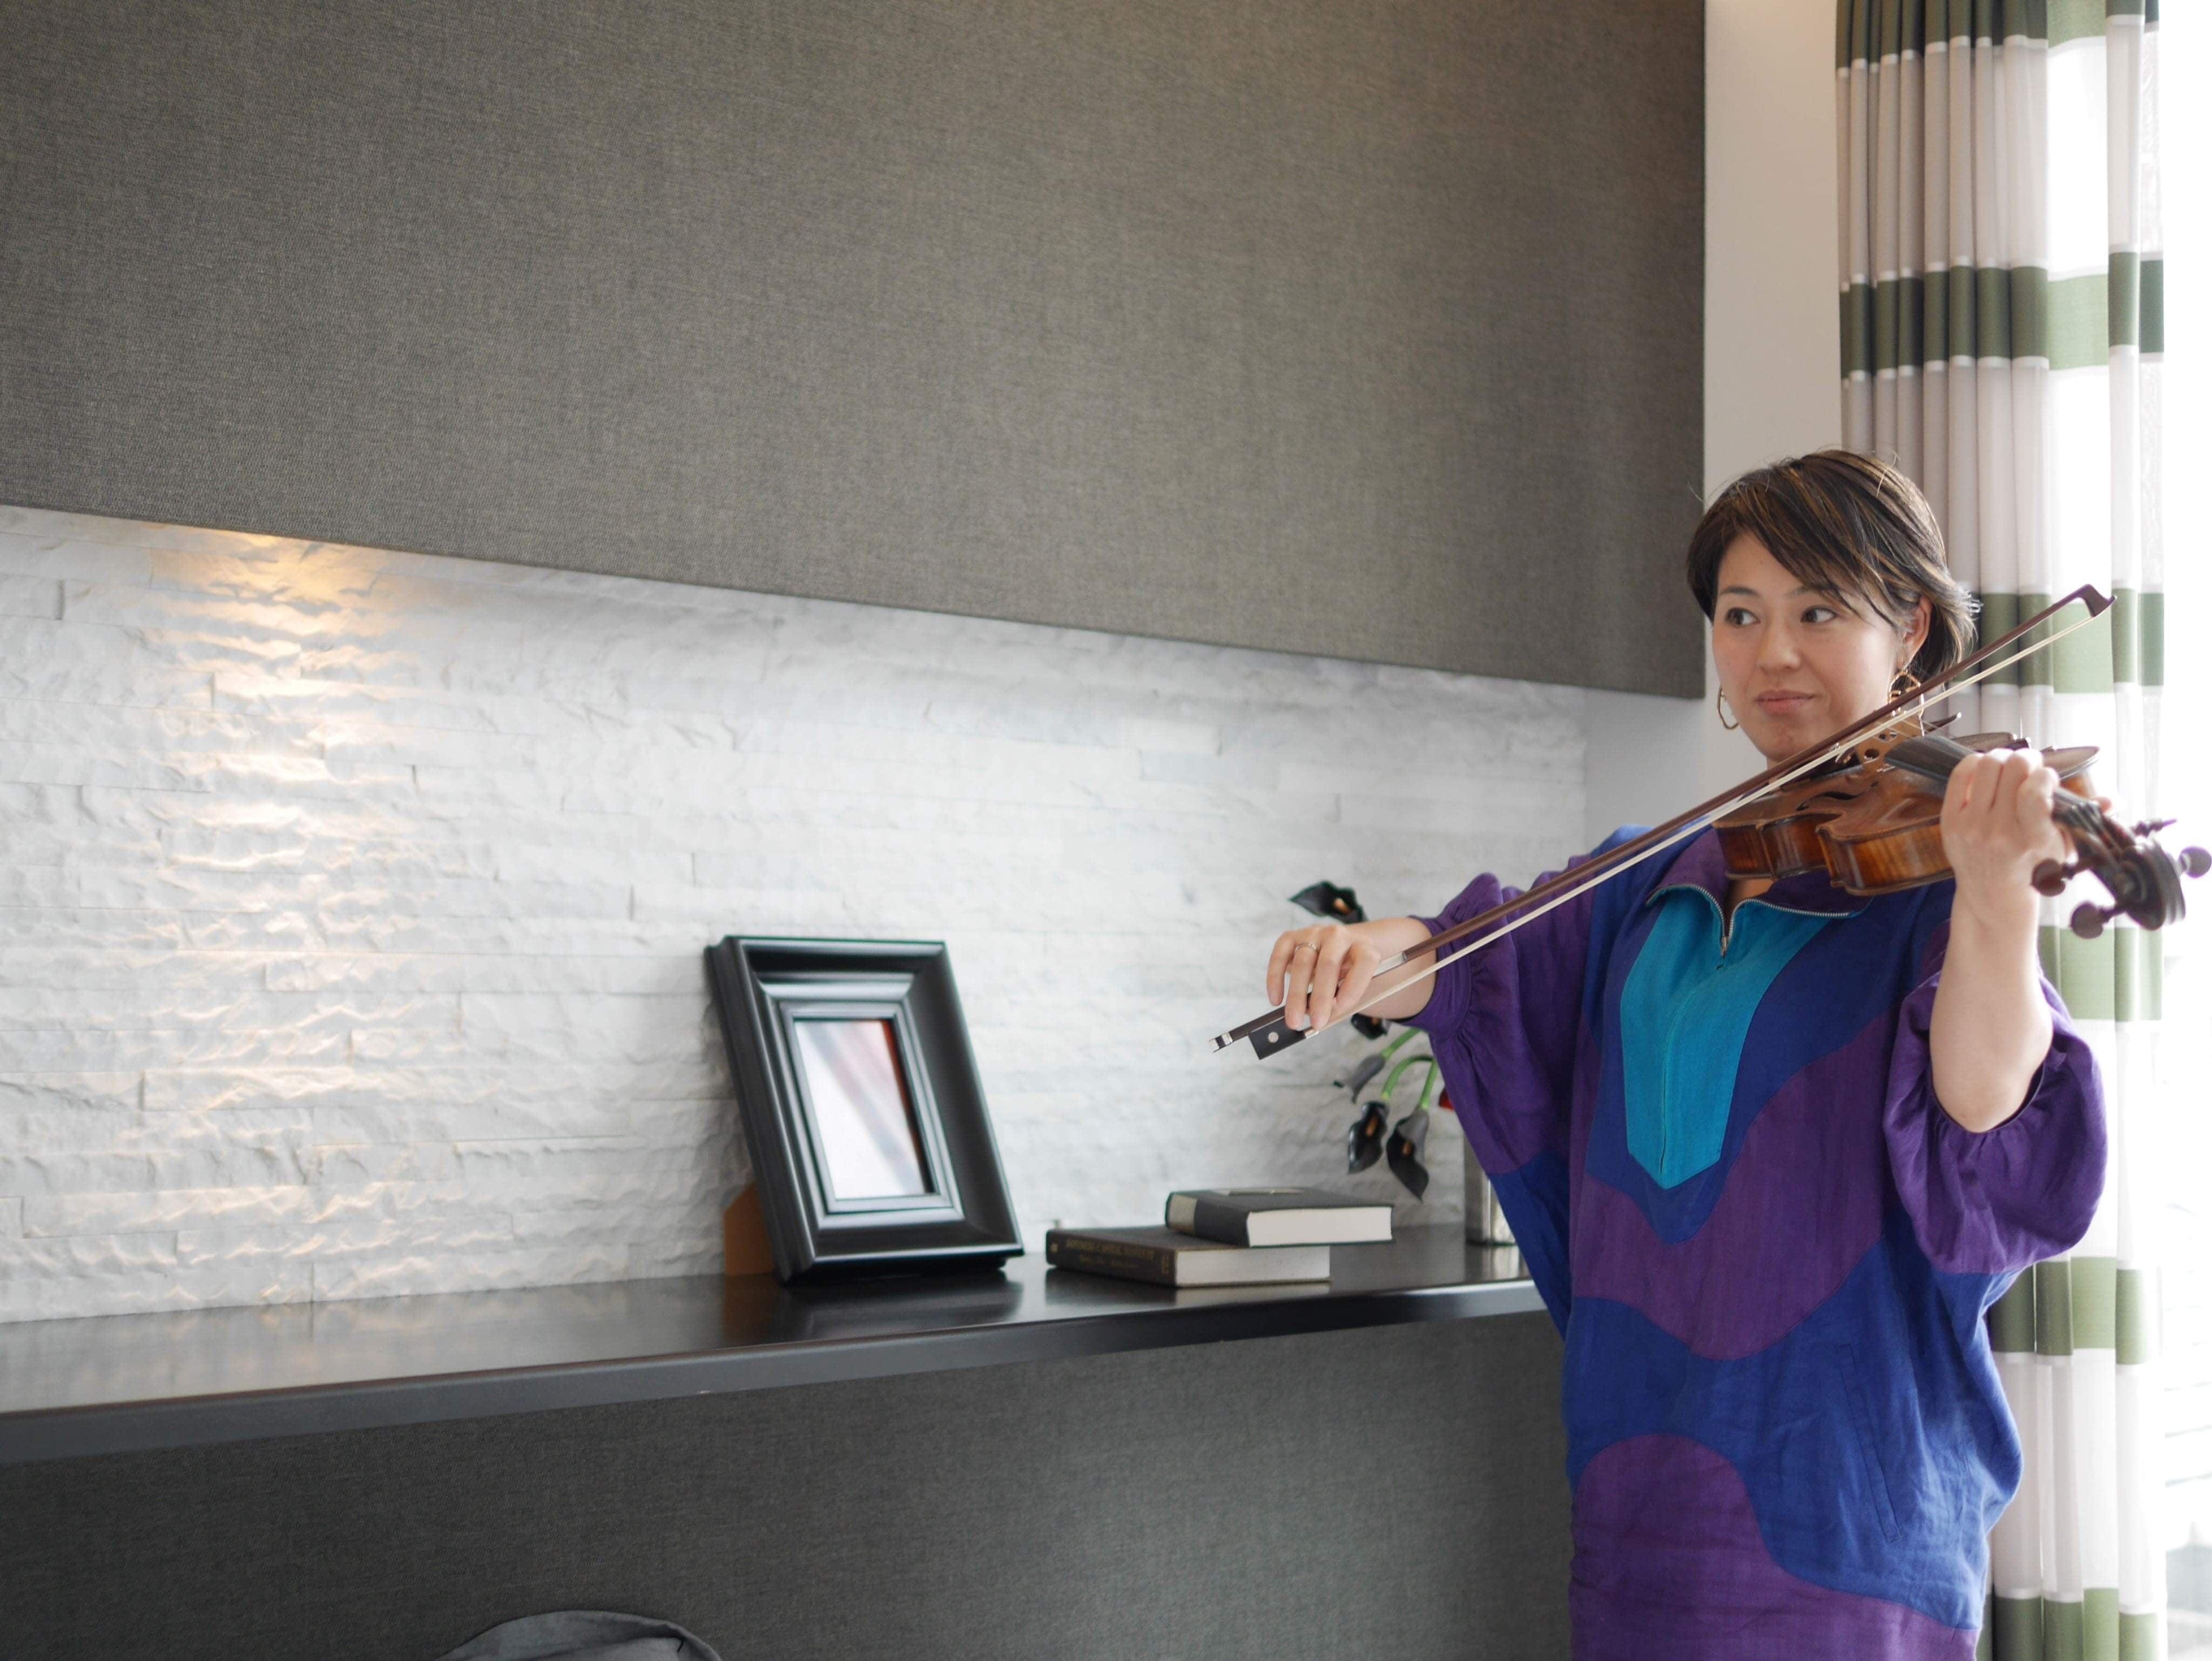 アフターコロナ オンライン受け放題 ヴァイオリン・ヴィオラ オンラインレッスン ウェブチケットのイメージその1